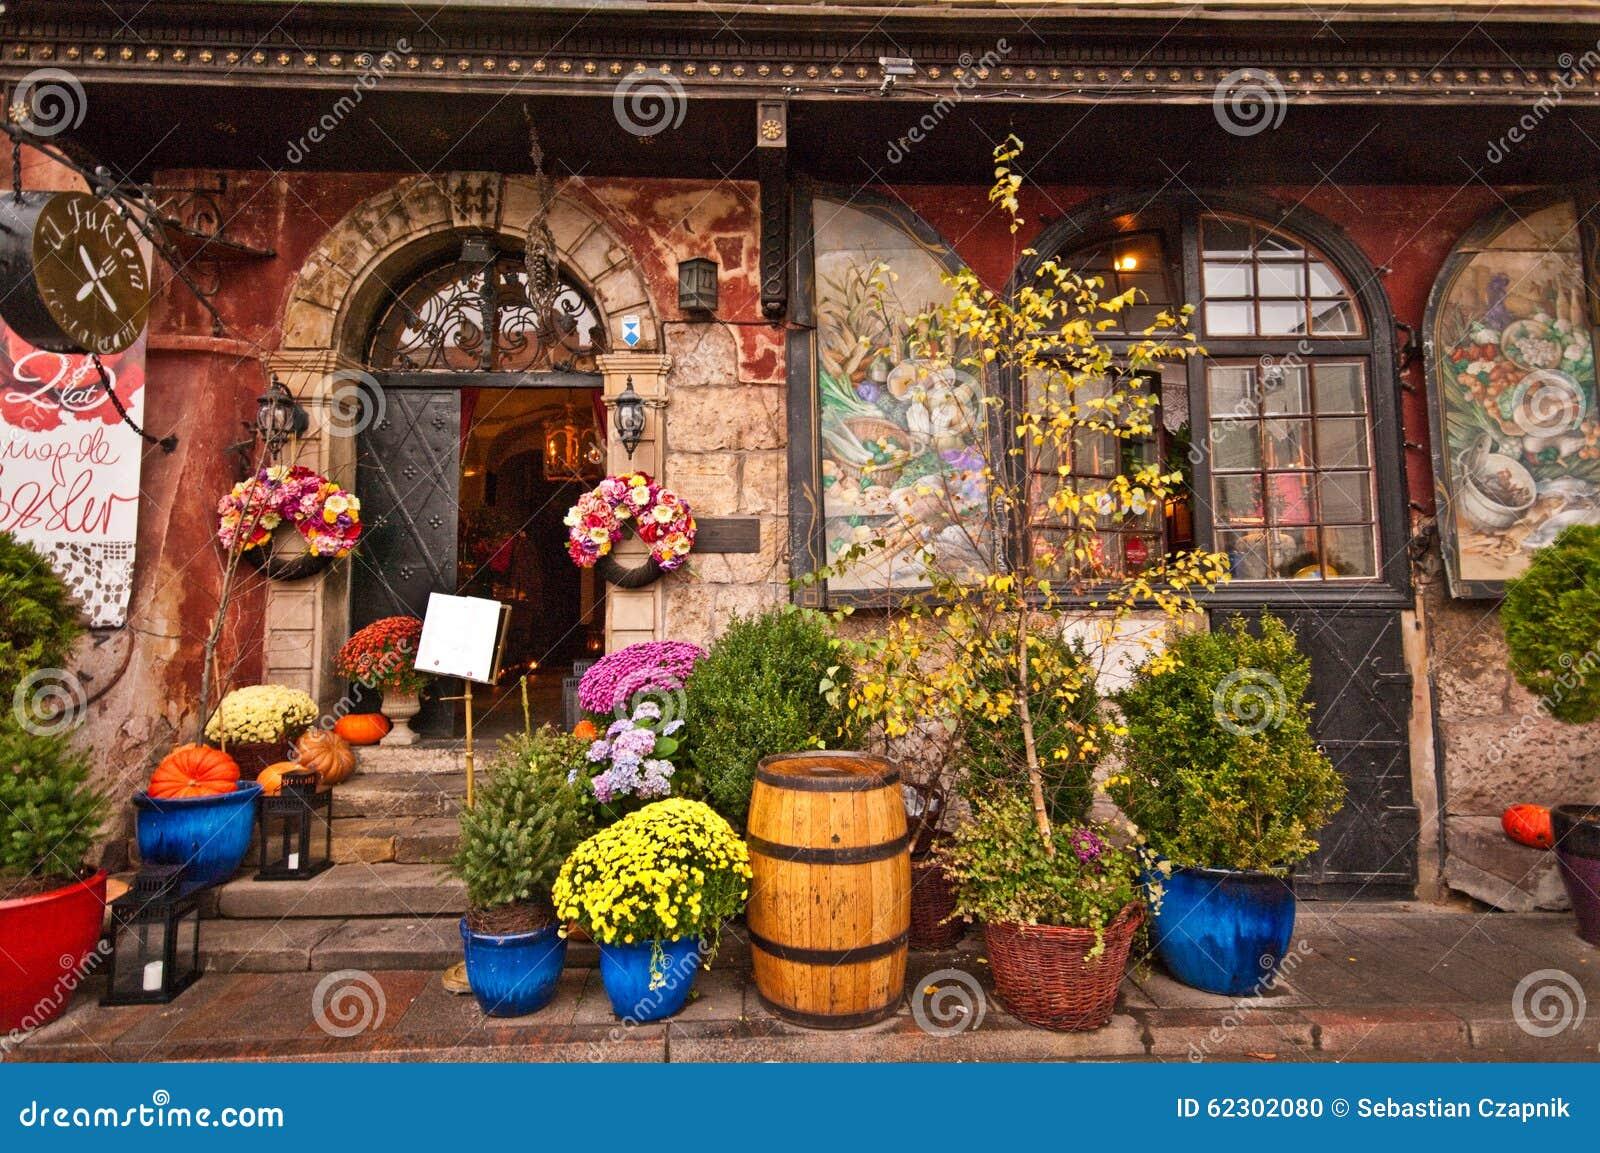 Magda Gessler restaurang i Warszawa